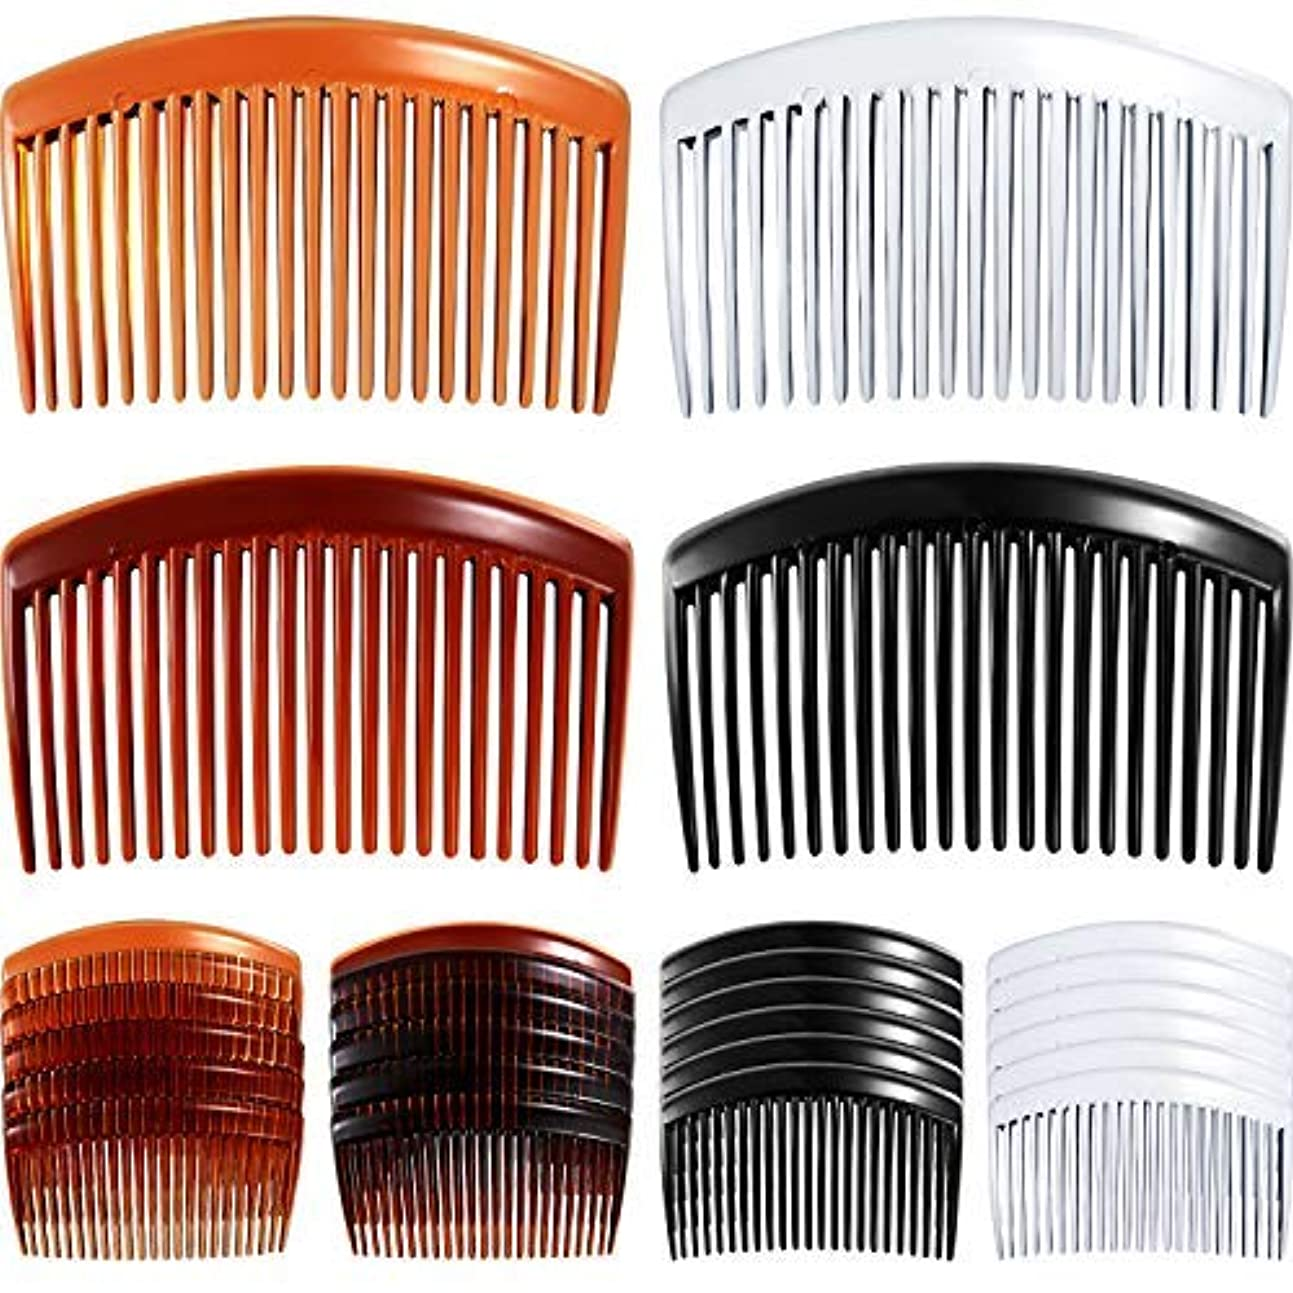 近傍オプショナル慈善24 Pieces Hair Comb Plastic Hair Side Combs Straight Teeth Hair Clip Comb Bridal Wedding Veil Comb for Fine Hair...